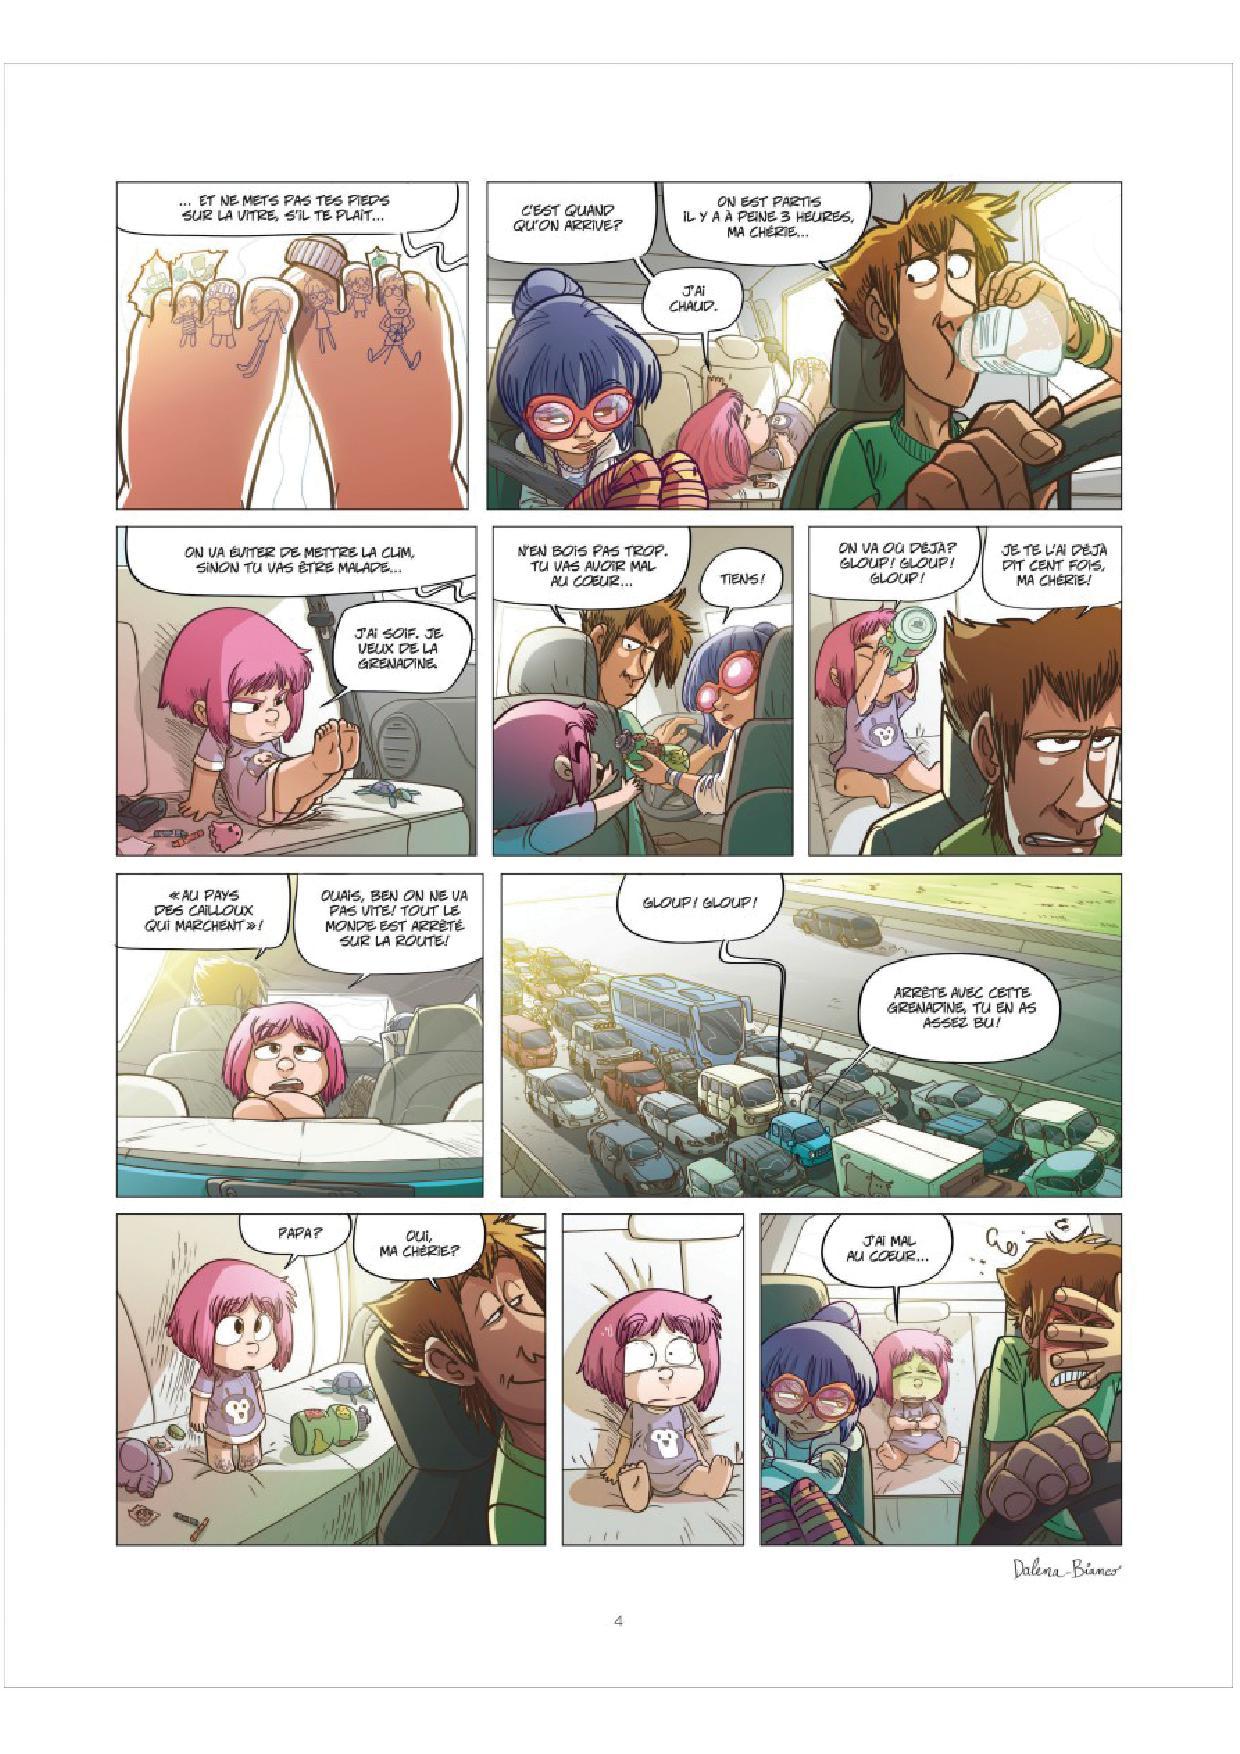 Ernest&Rebecca#4_page4